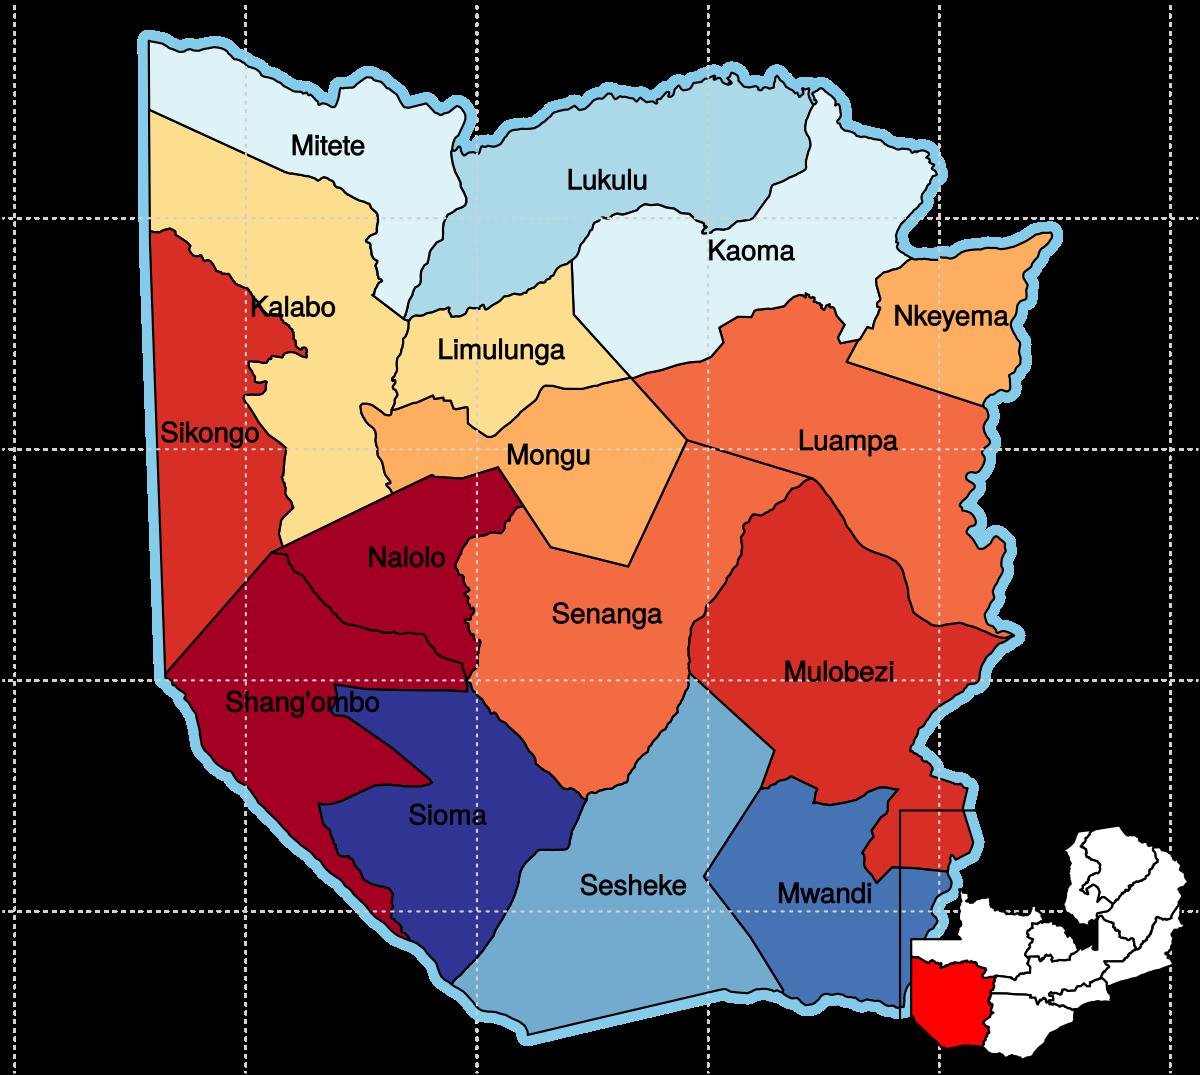 Western province zambia wikipedia zambia tribes and history western province zambia wikipedia malvernweather Images